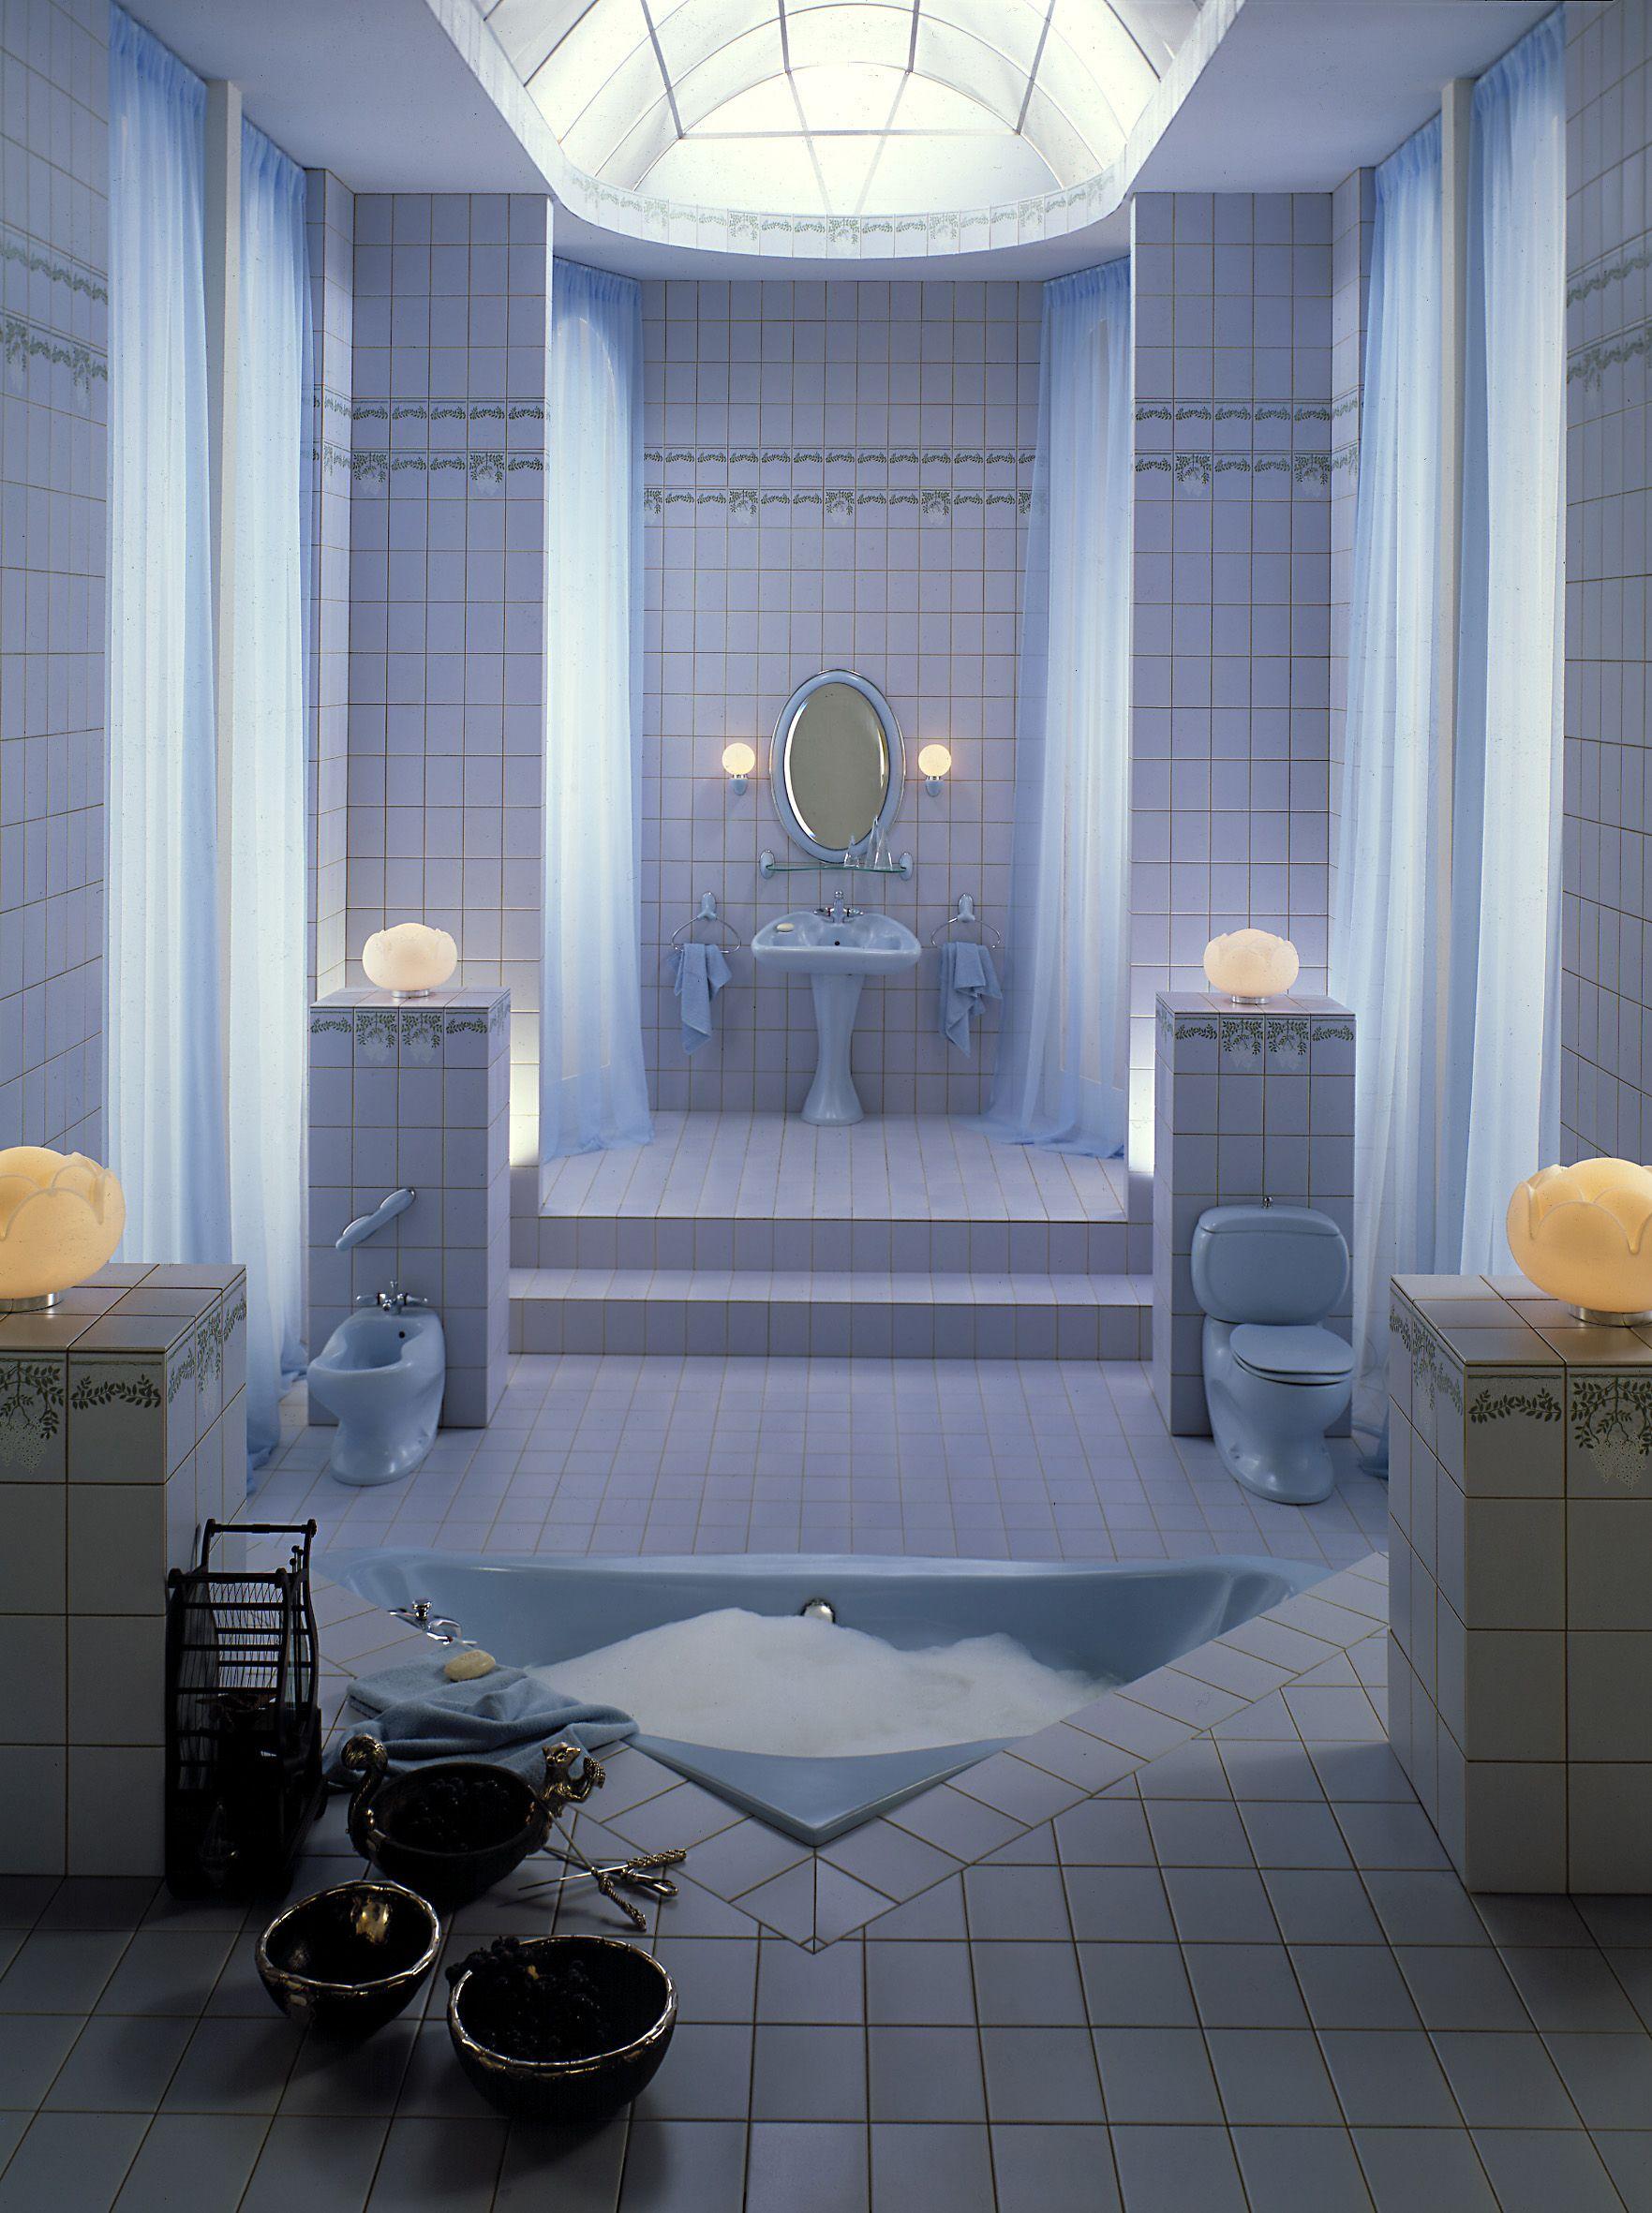 Retro Villeroy Boch Bathroom Featuring Colani Design